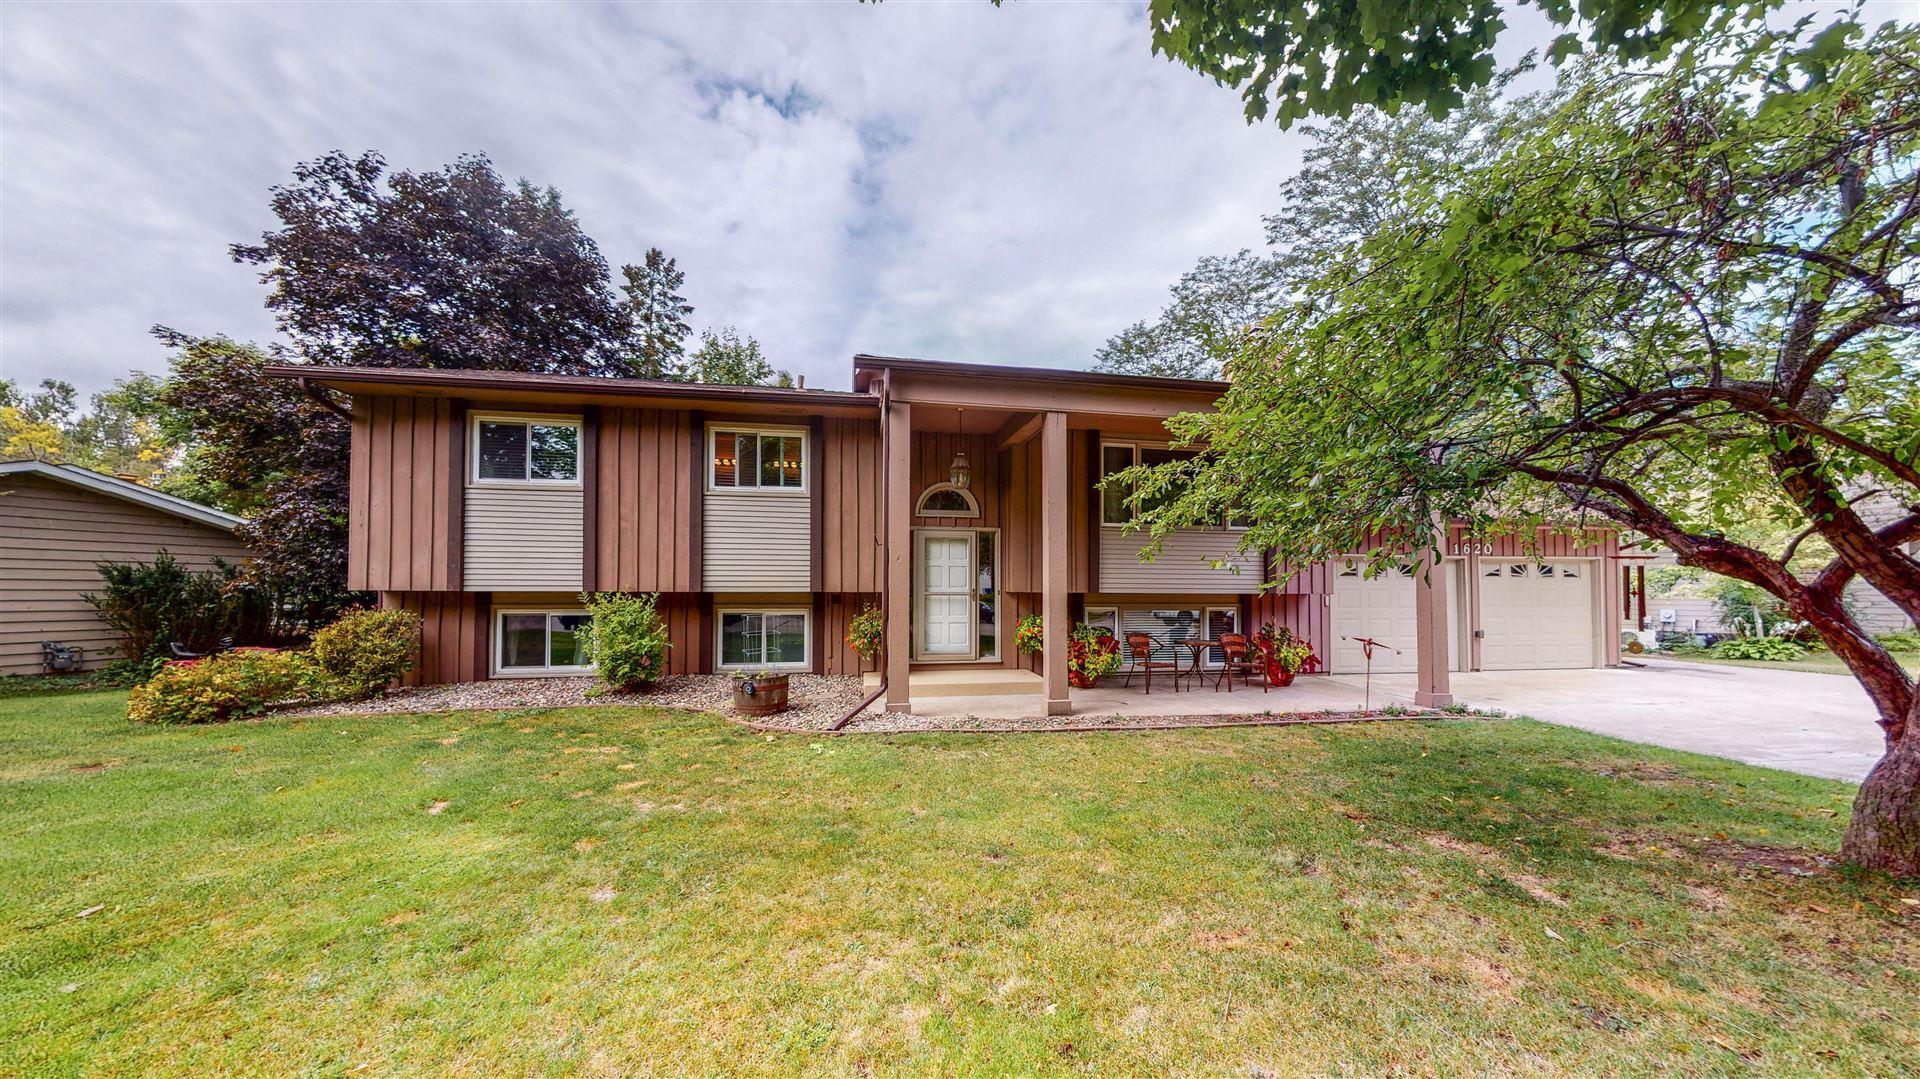 1620 Ridgewood Lane, Red Wing, MN 55066 - MLS#: 5649516